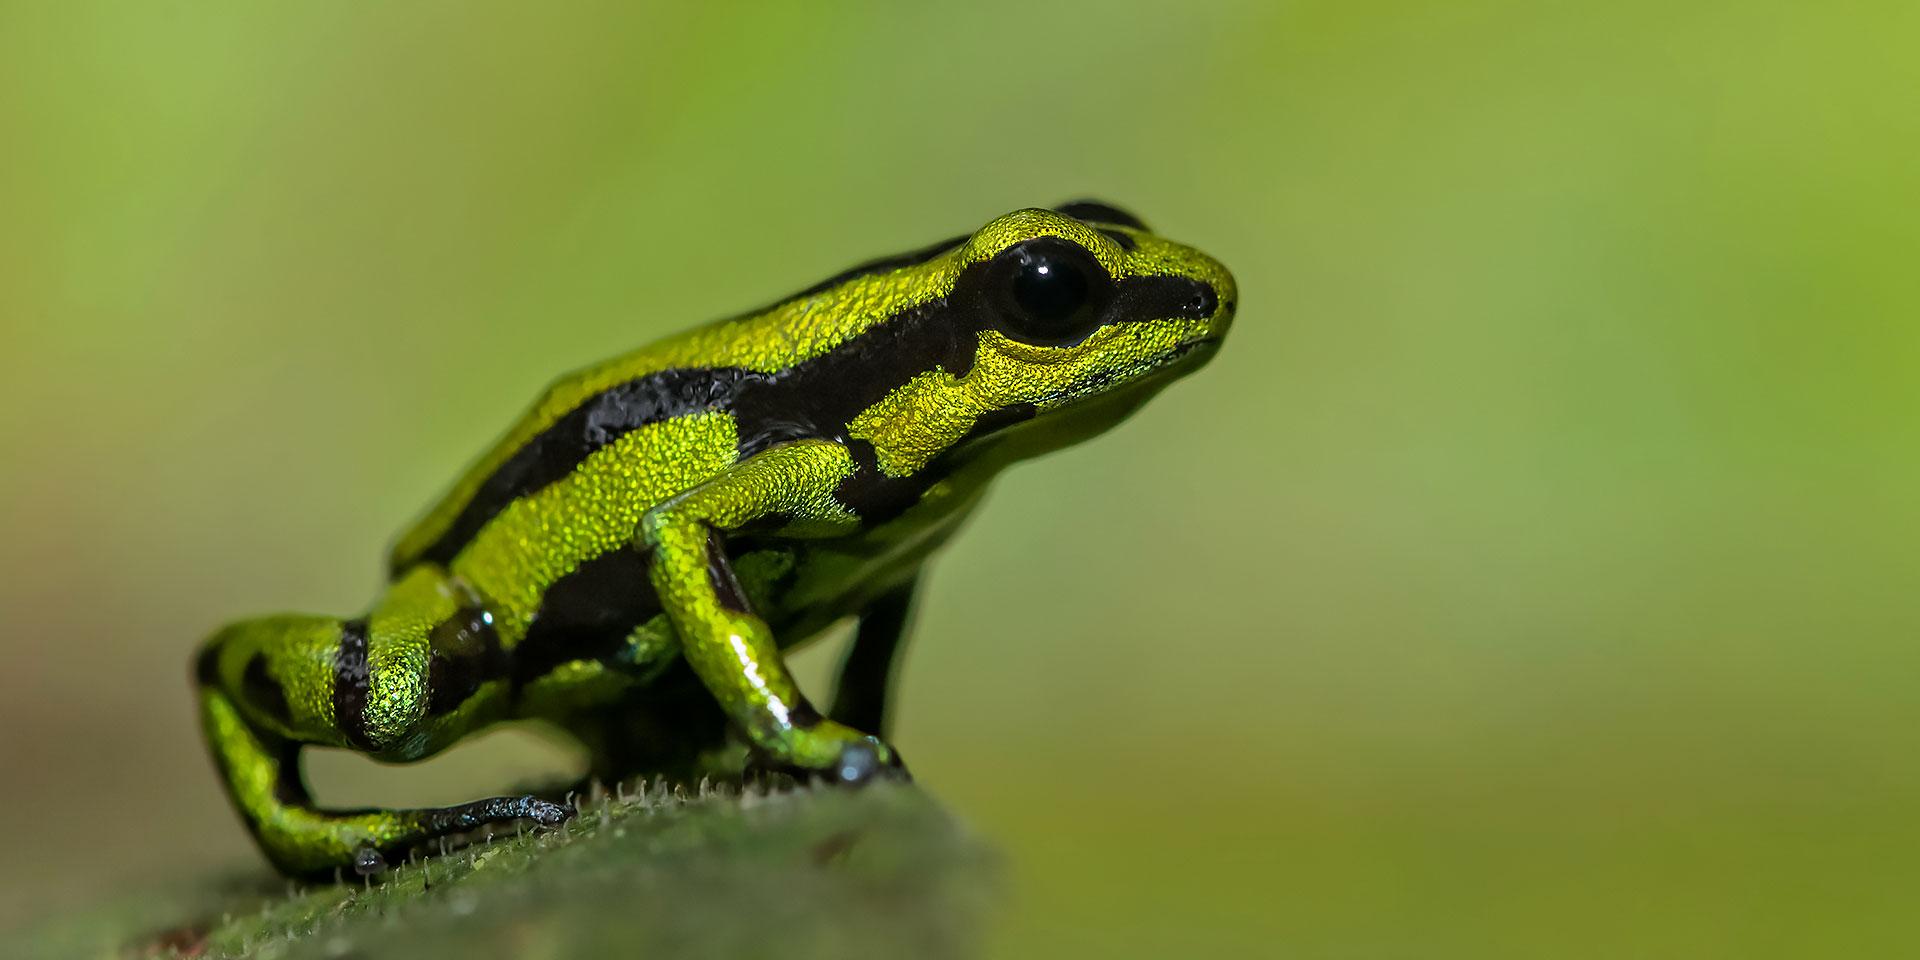 Neoselva-Andinobates-fulguritus-Colombia-Valle-del-Cauca-Dendrobatidae-Herping-Macro-Tour-Web